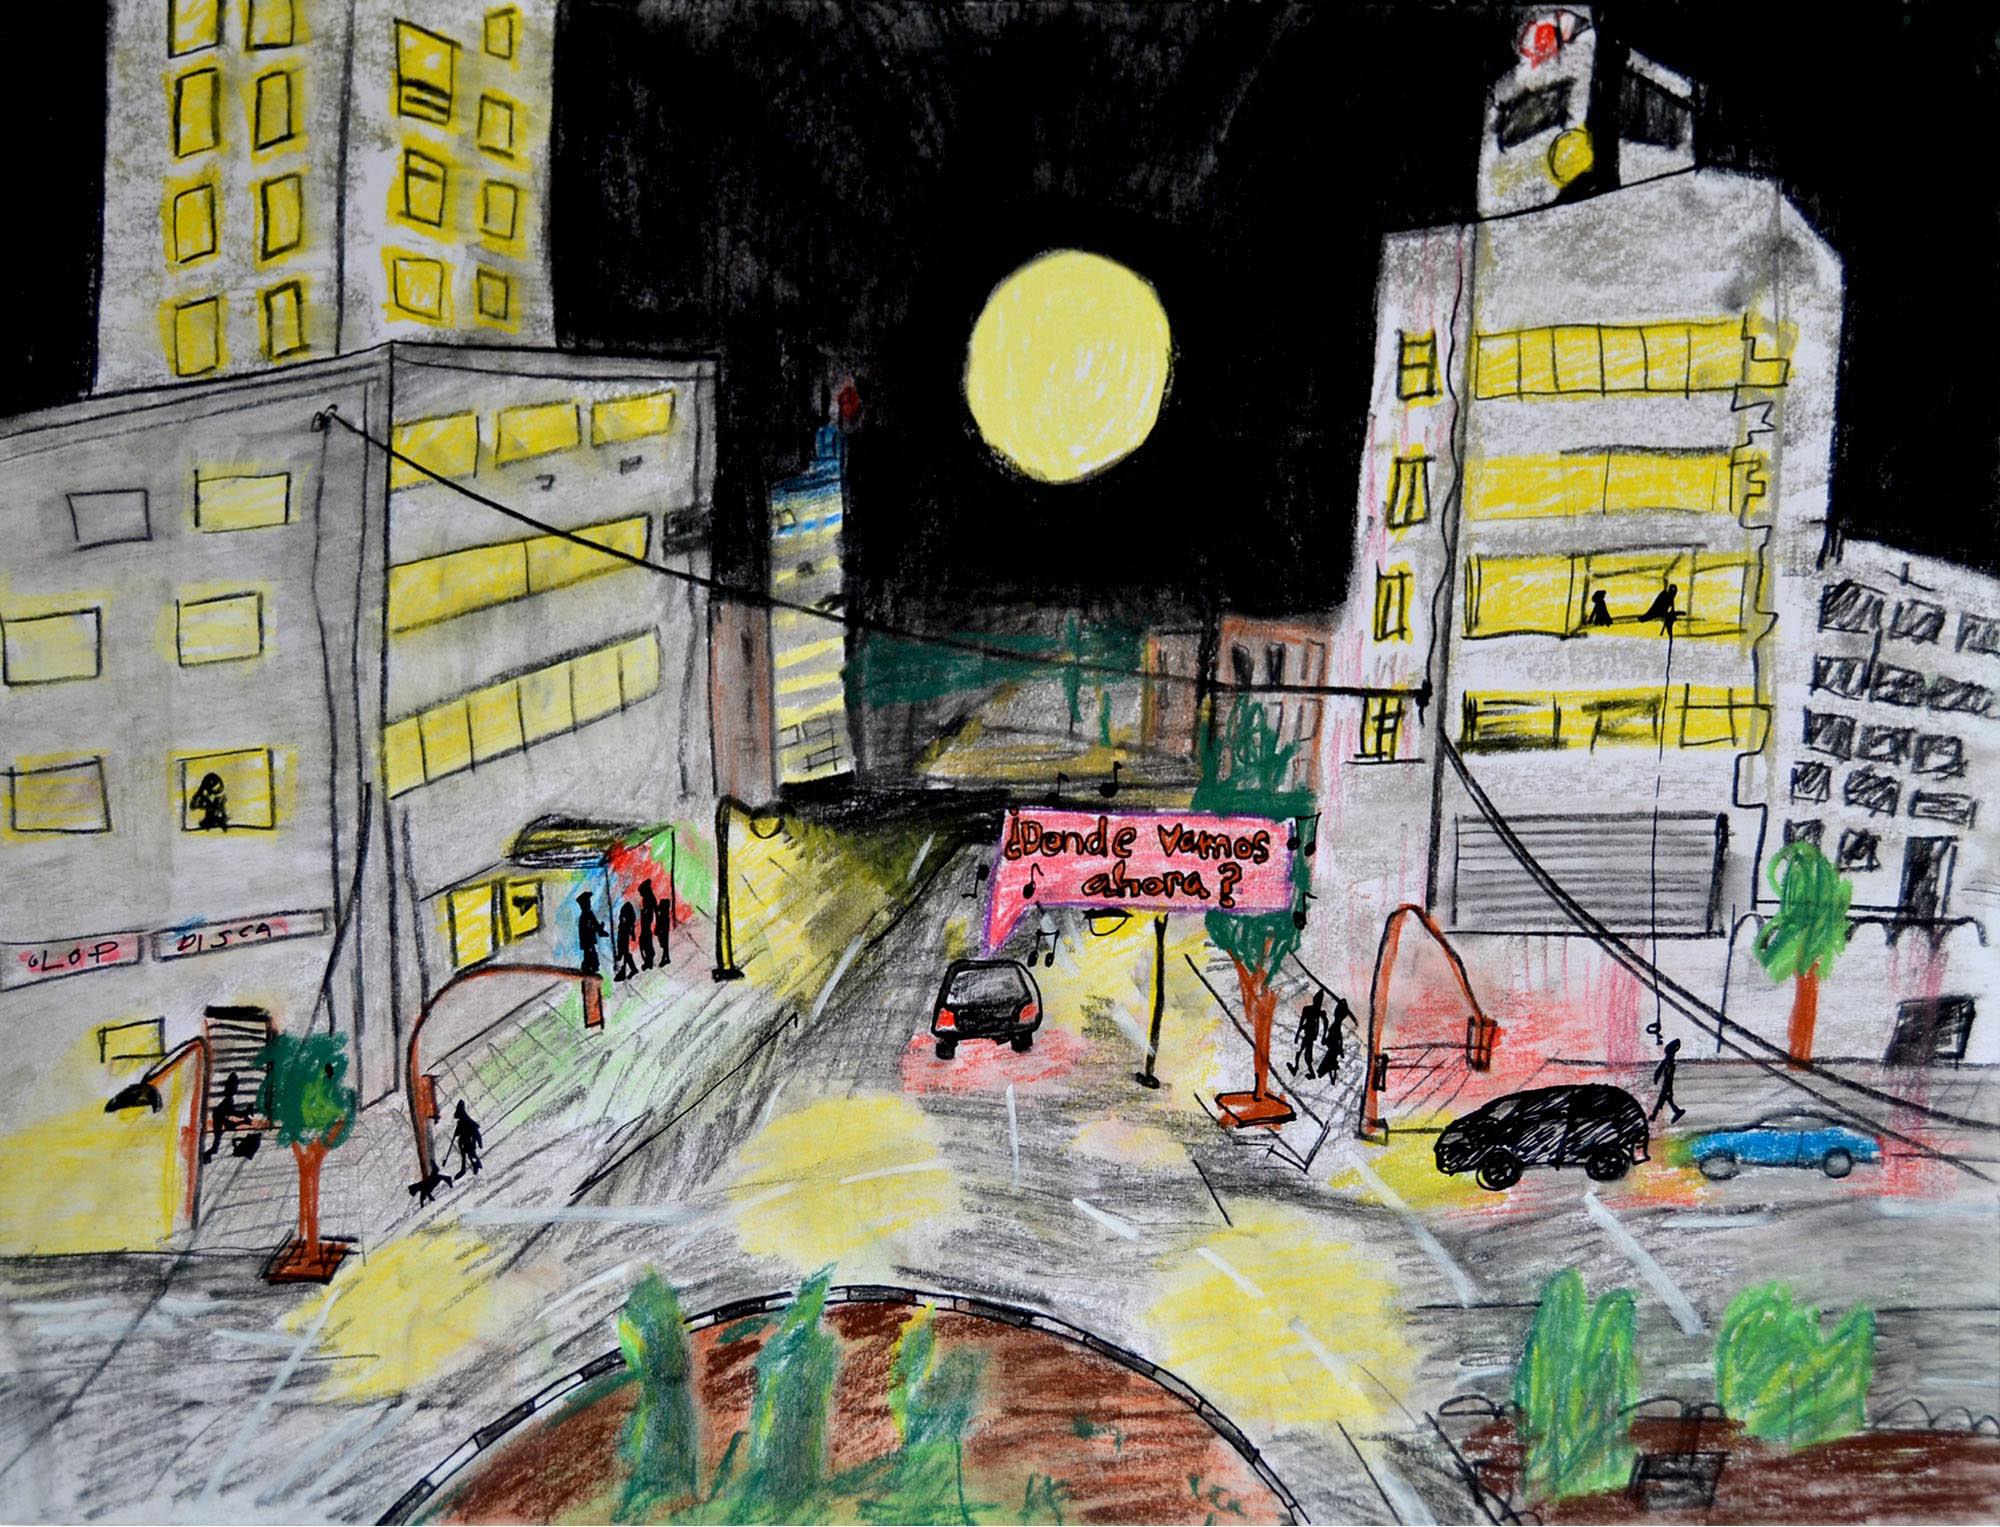 Ilustración gratis - ¿Dónde vamos ahora? en coche por la ciudad